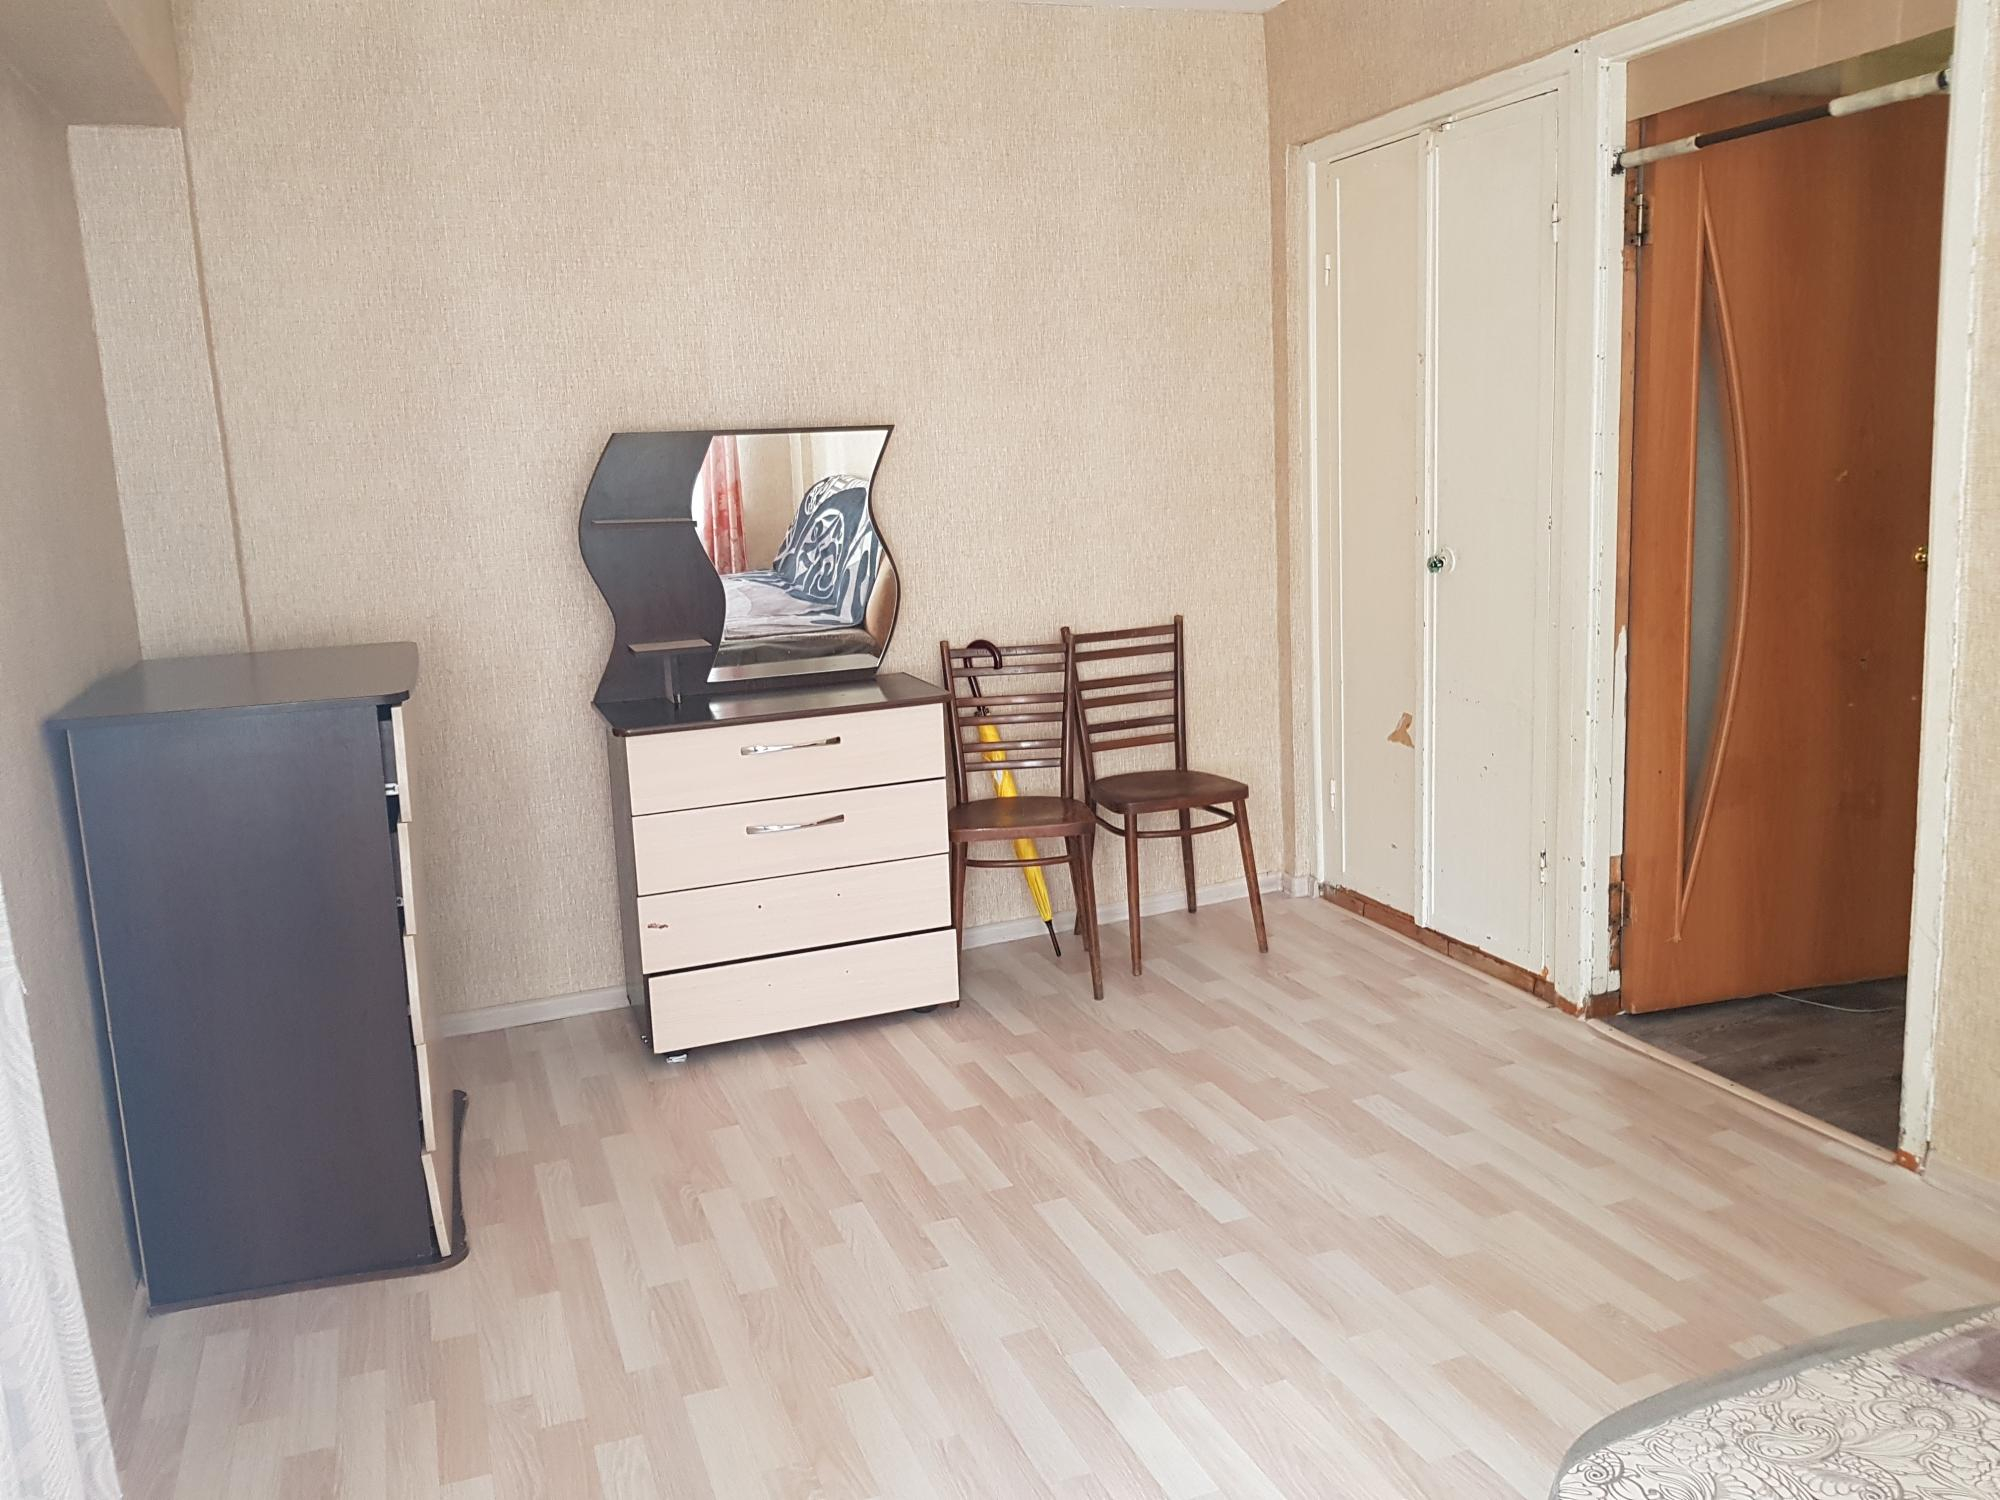 2к квартира Волгоградская улица, 29 | 16000 | аренда в Красноярске фото 1